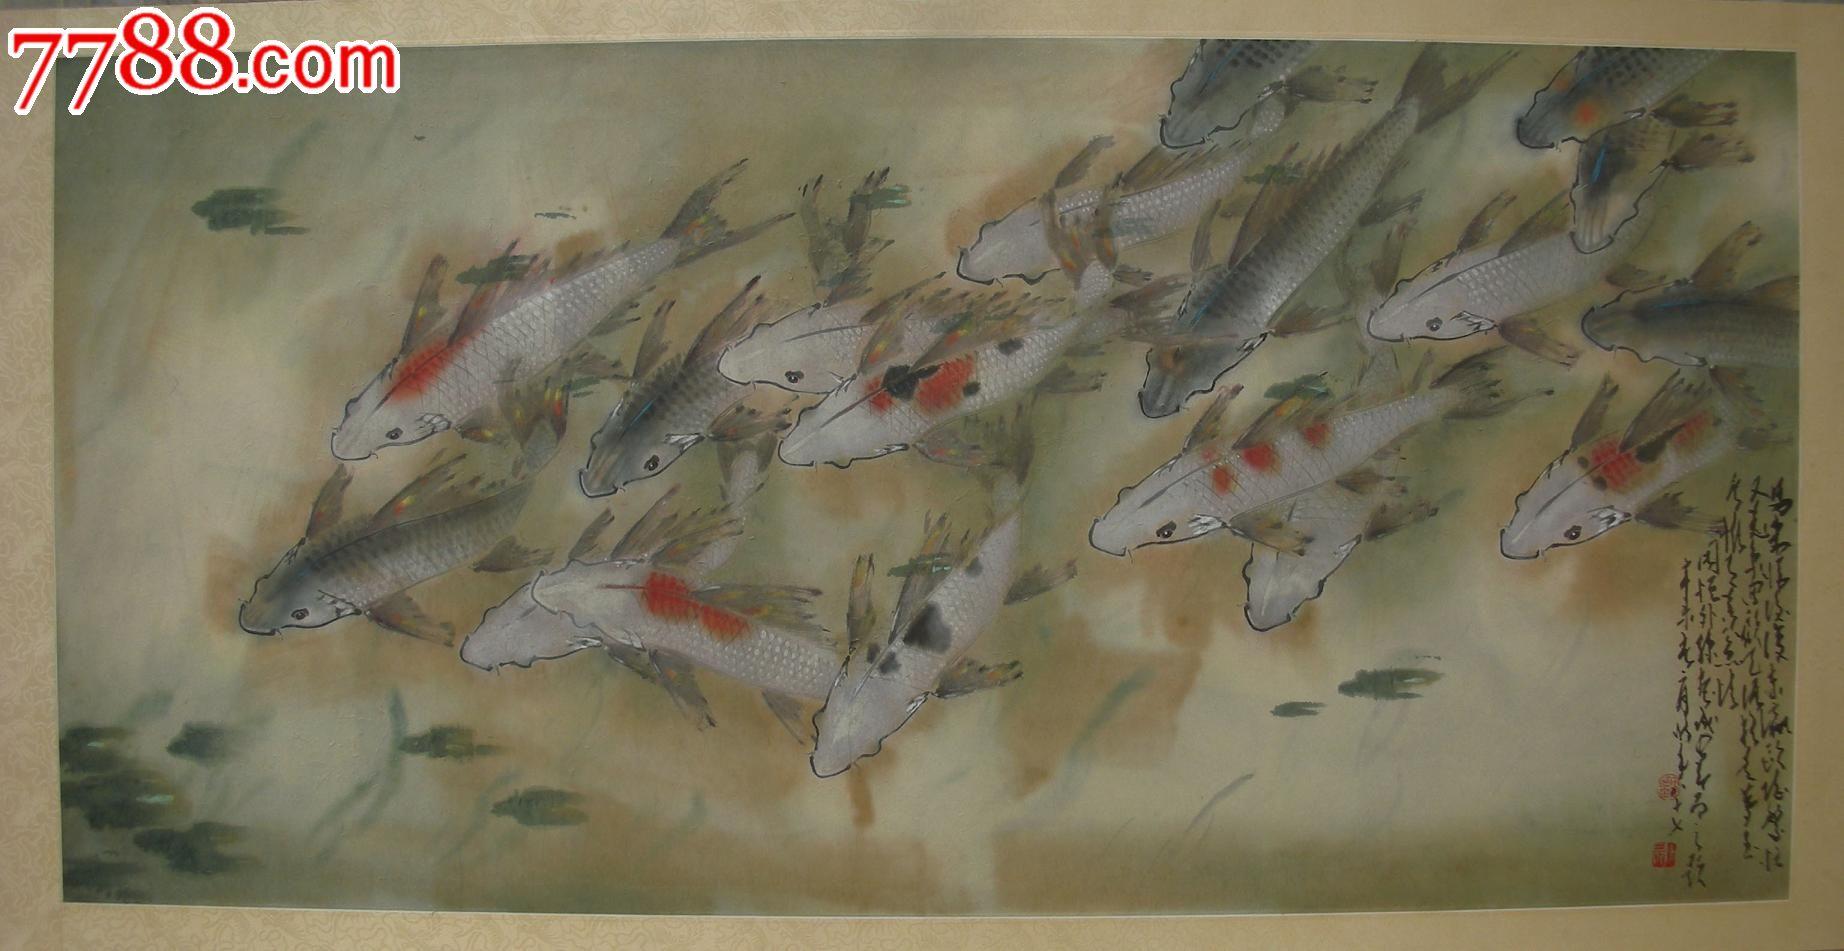 赵少昂锦鲤鱼图